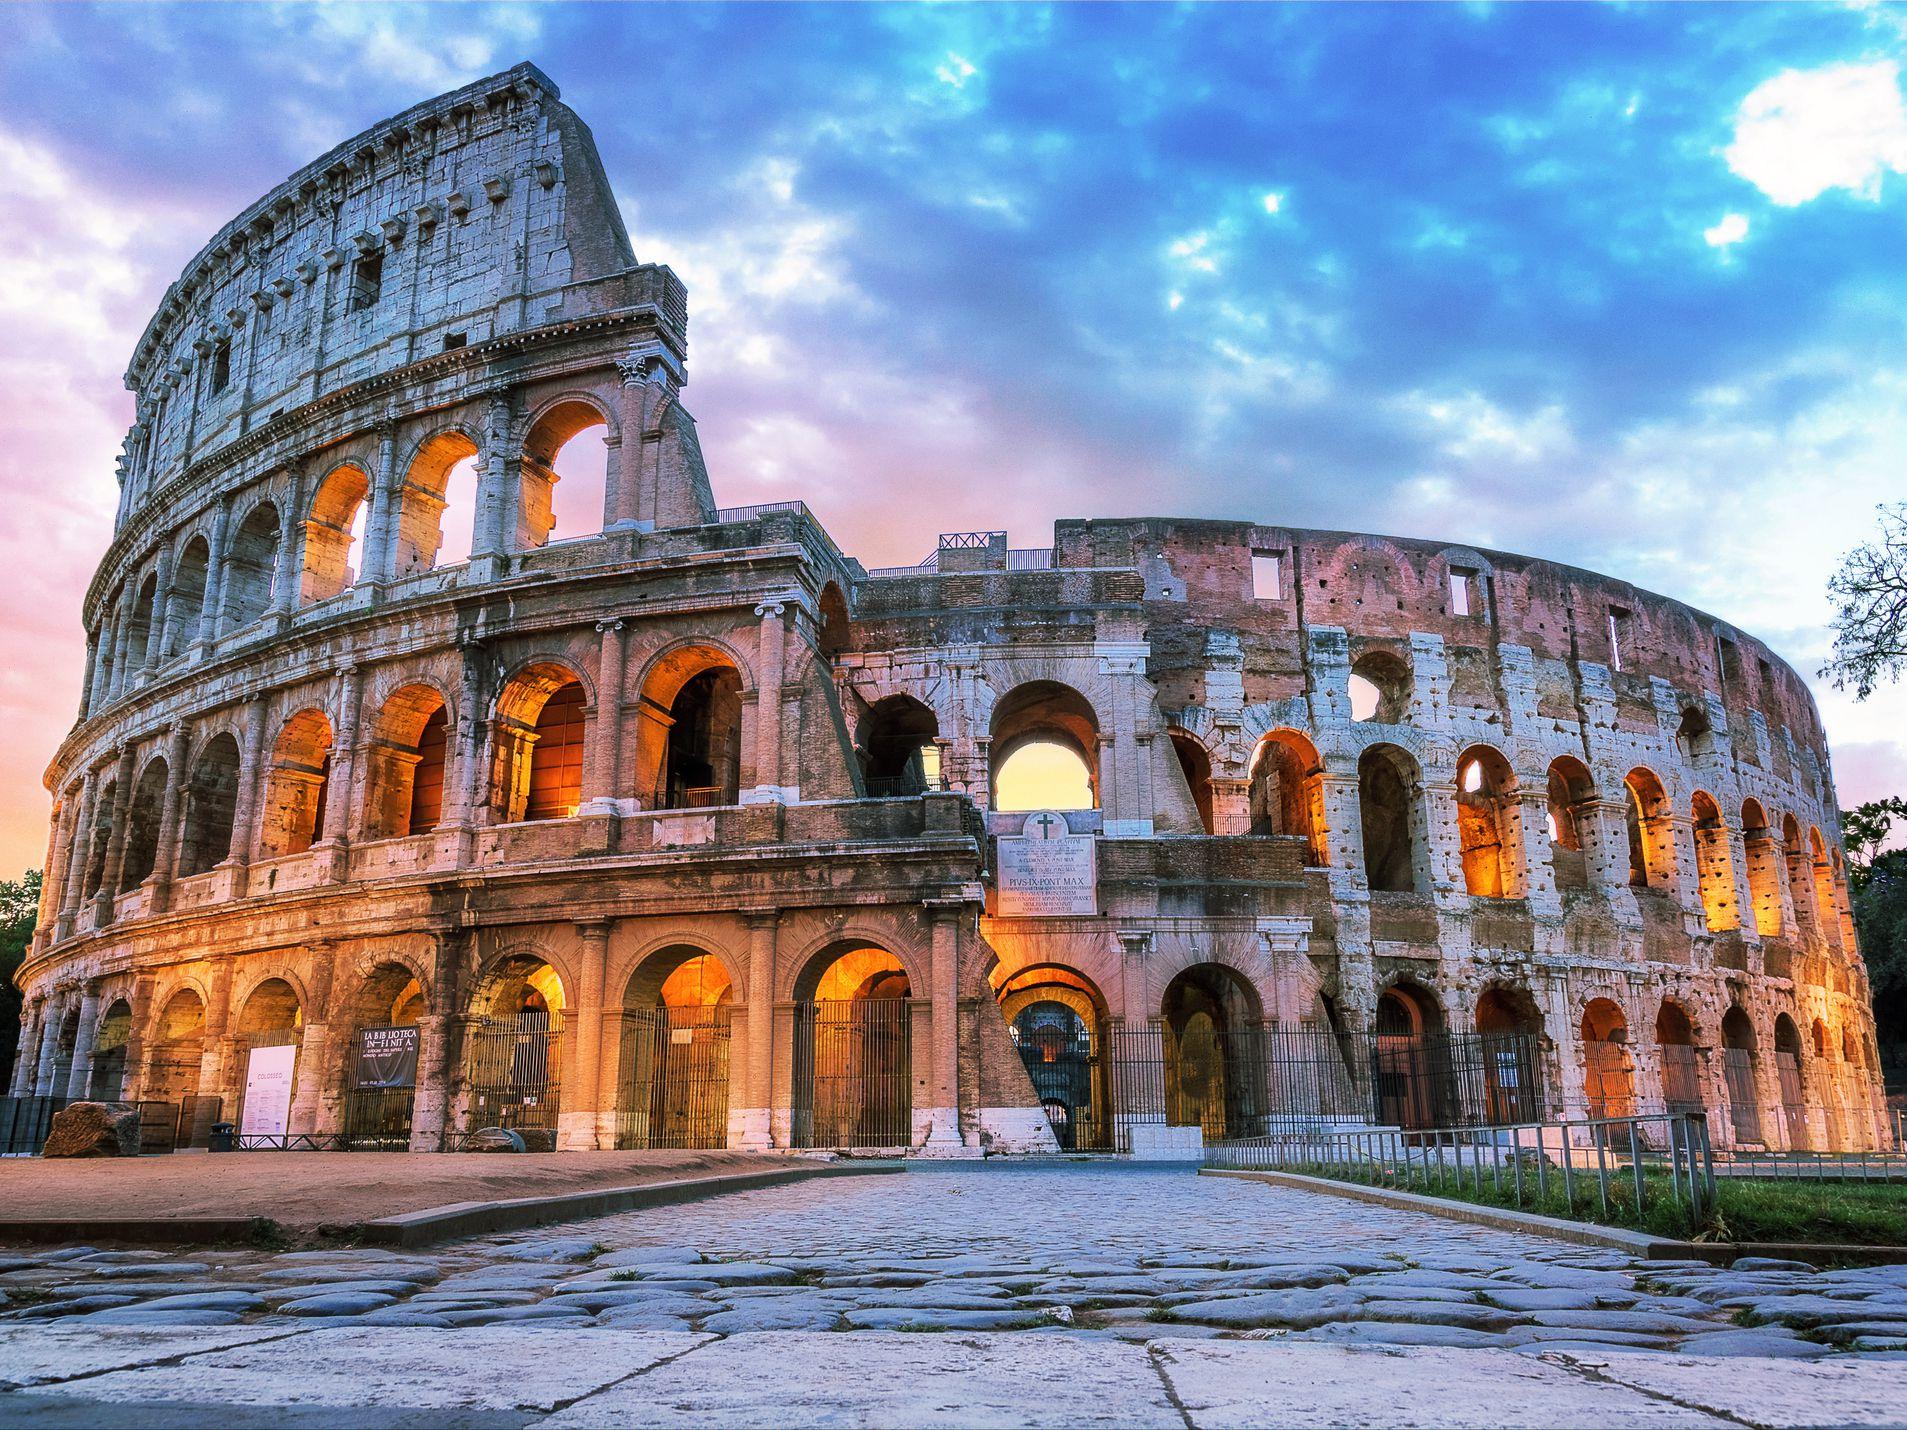 Civitavecchia-Rome Small Group Round Trip Port Transfer